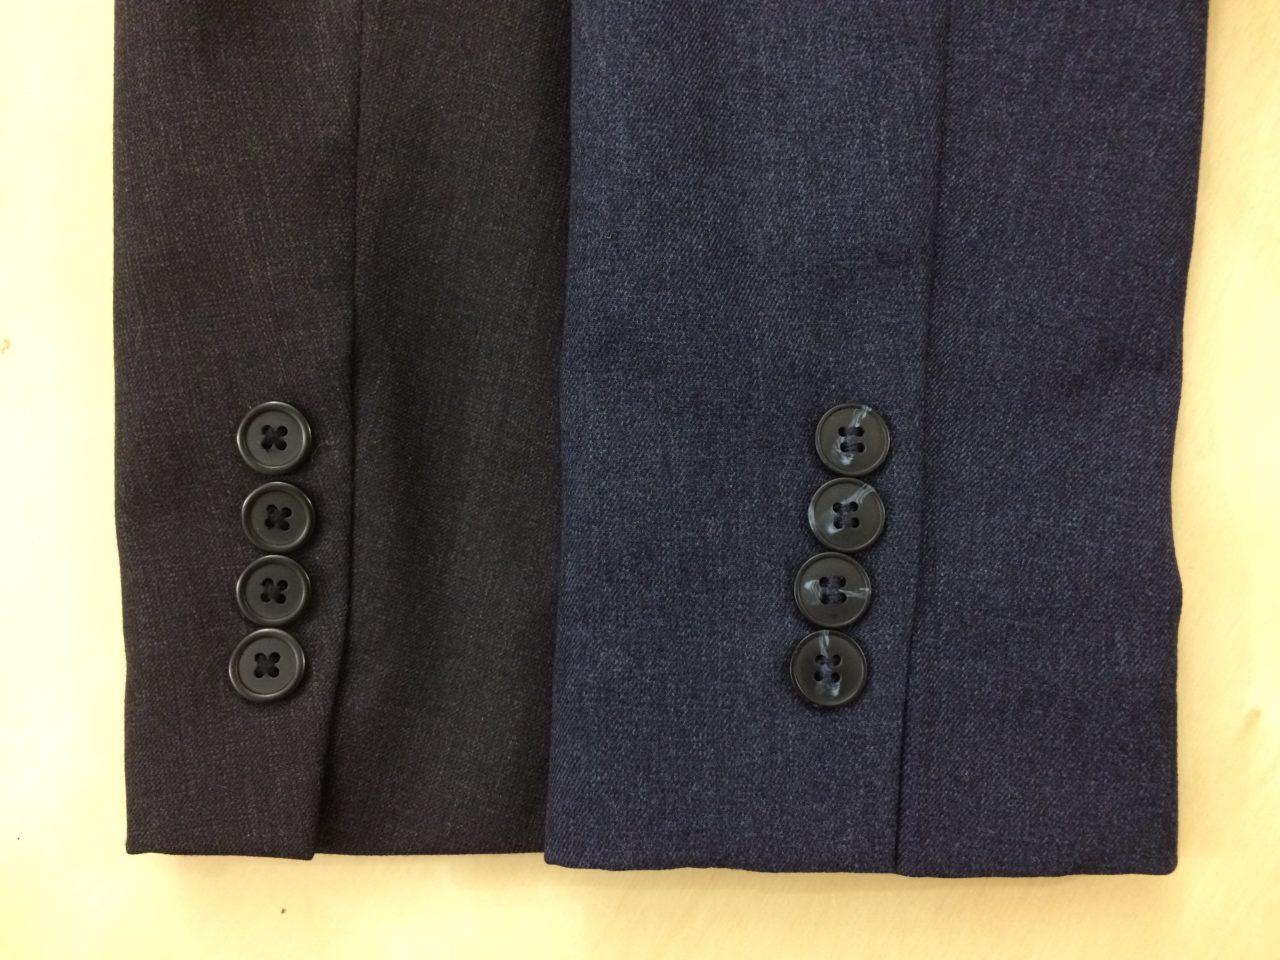 Wool blazer and Bluffworks blazer